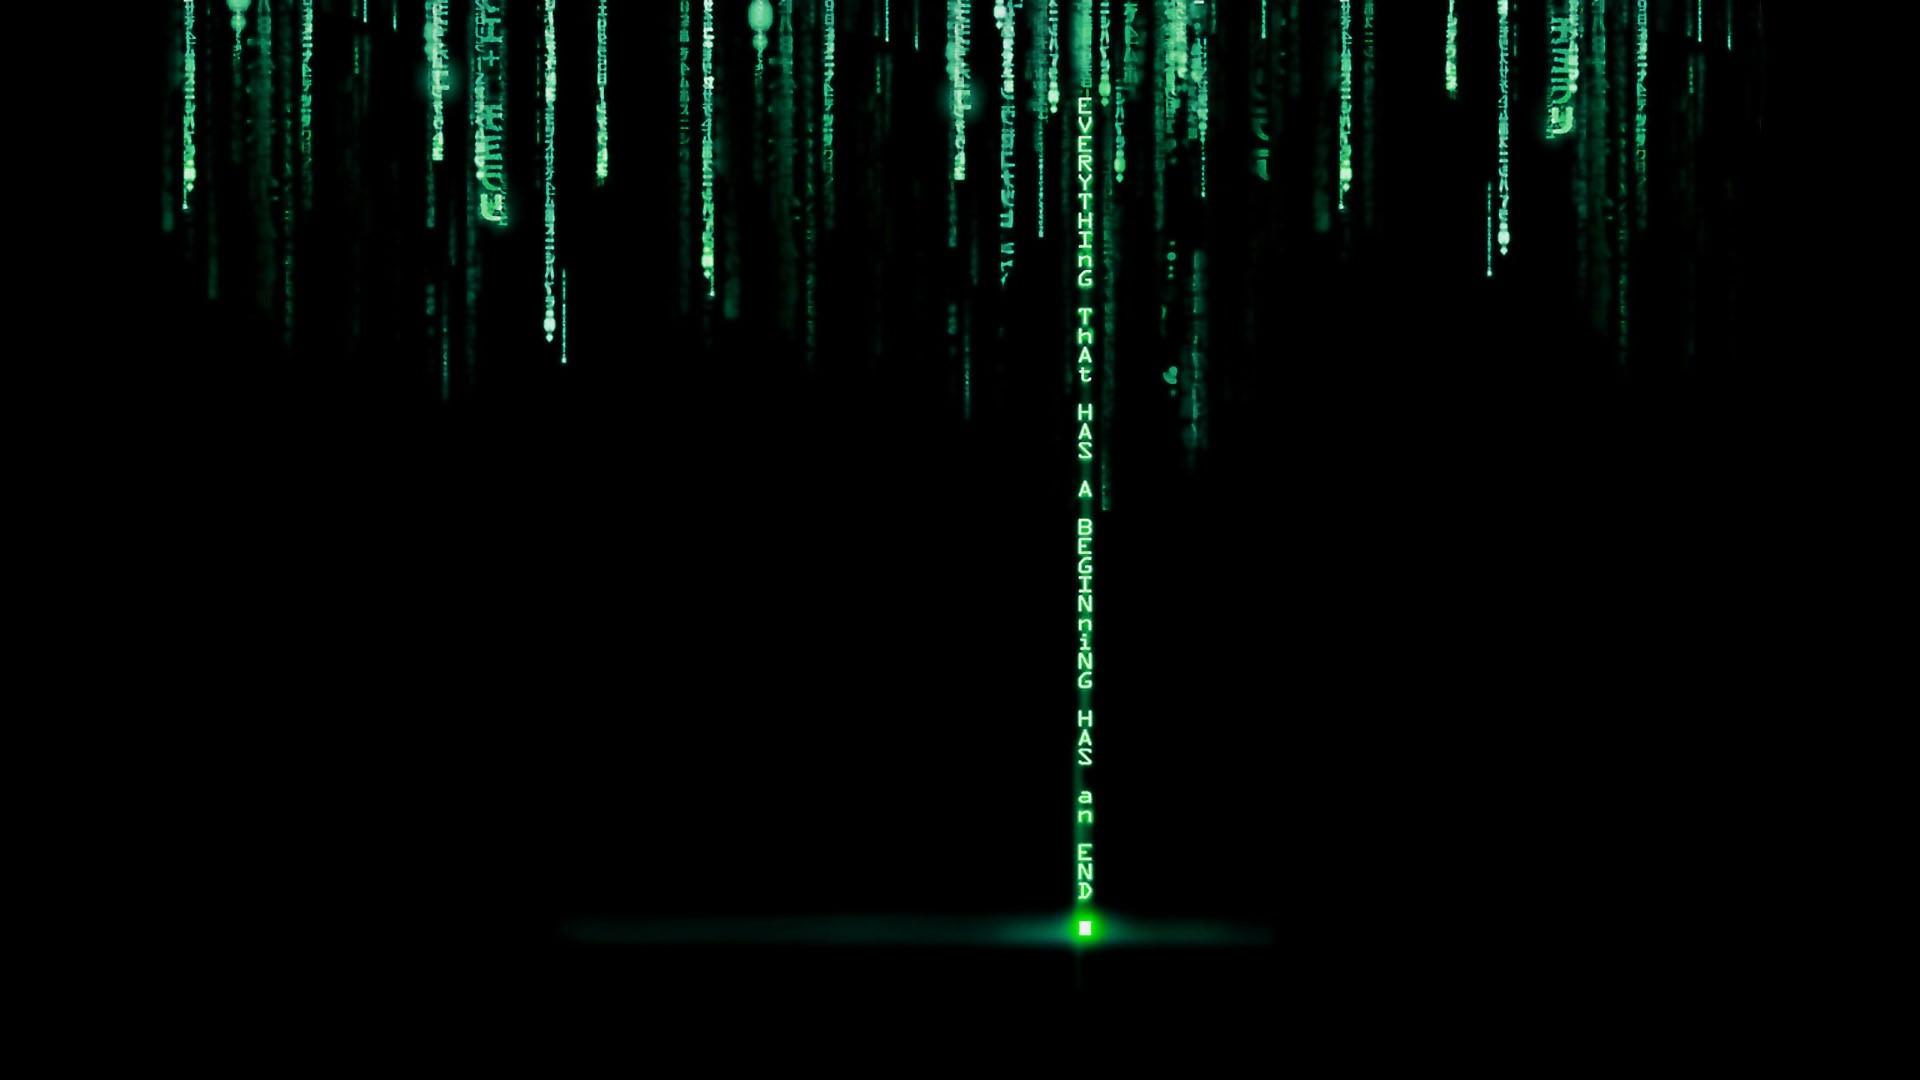 Fond D écran Citation Nuit Films Vert La Technologie